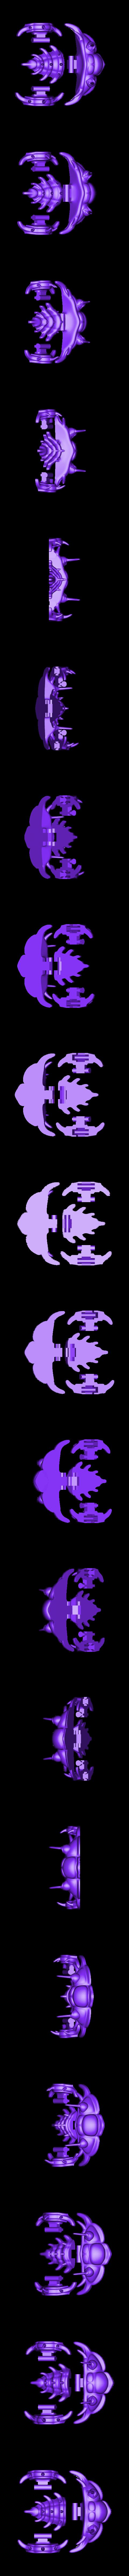 Trilobite_v1_p1.STL Télécharger fichier STL gratuit Comura Articulatum • Modèle imprimable en 3D, Ogubal3D